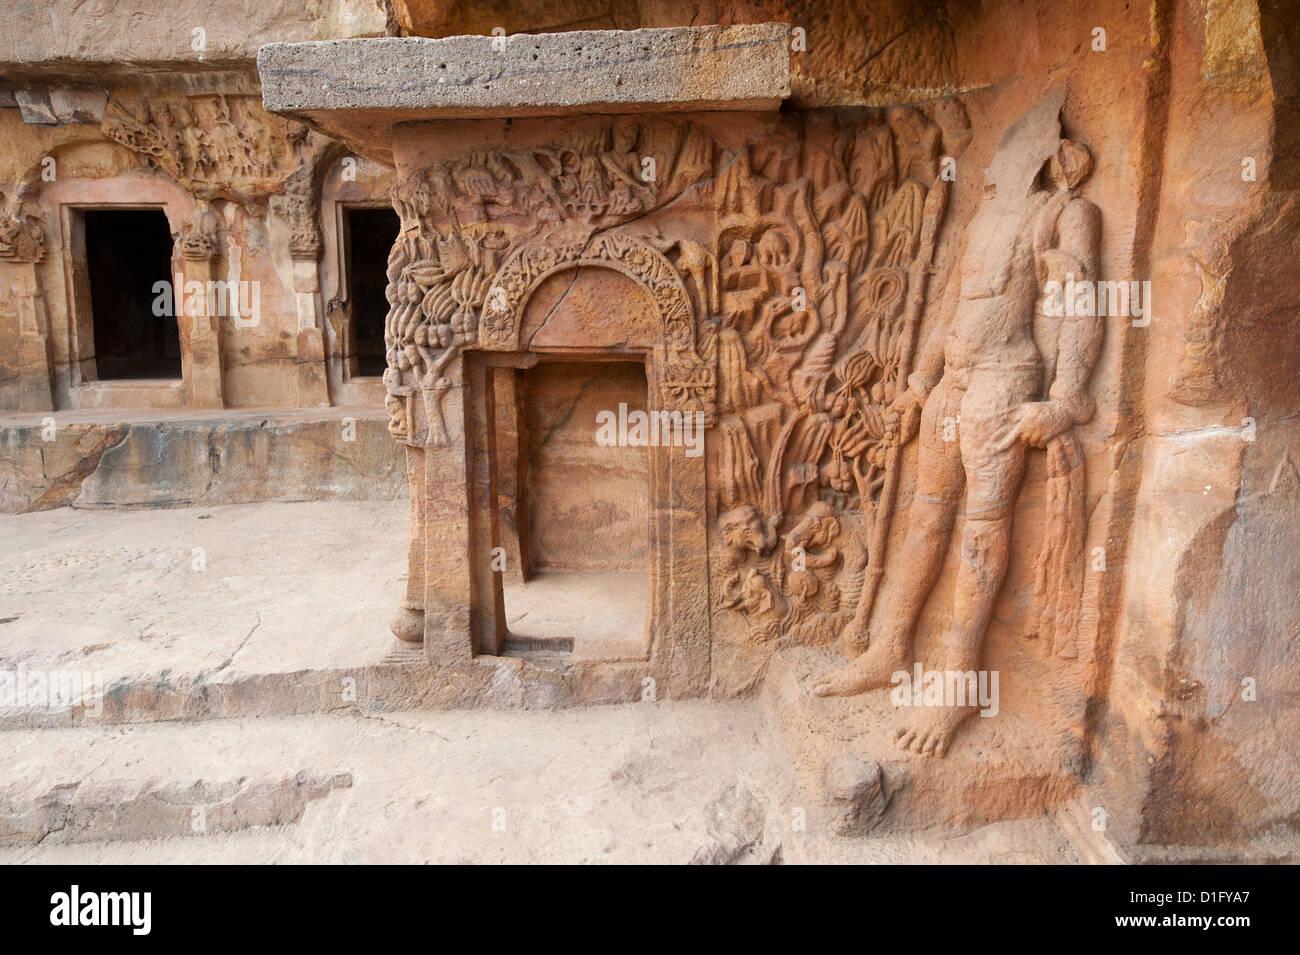 Kunstvolle Schnitzereien in Ranigumpha, Höhle Nummer 1, Udayagiri Höhlen, als Treffpunkt für Jain Stockbild